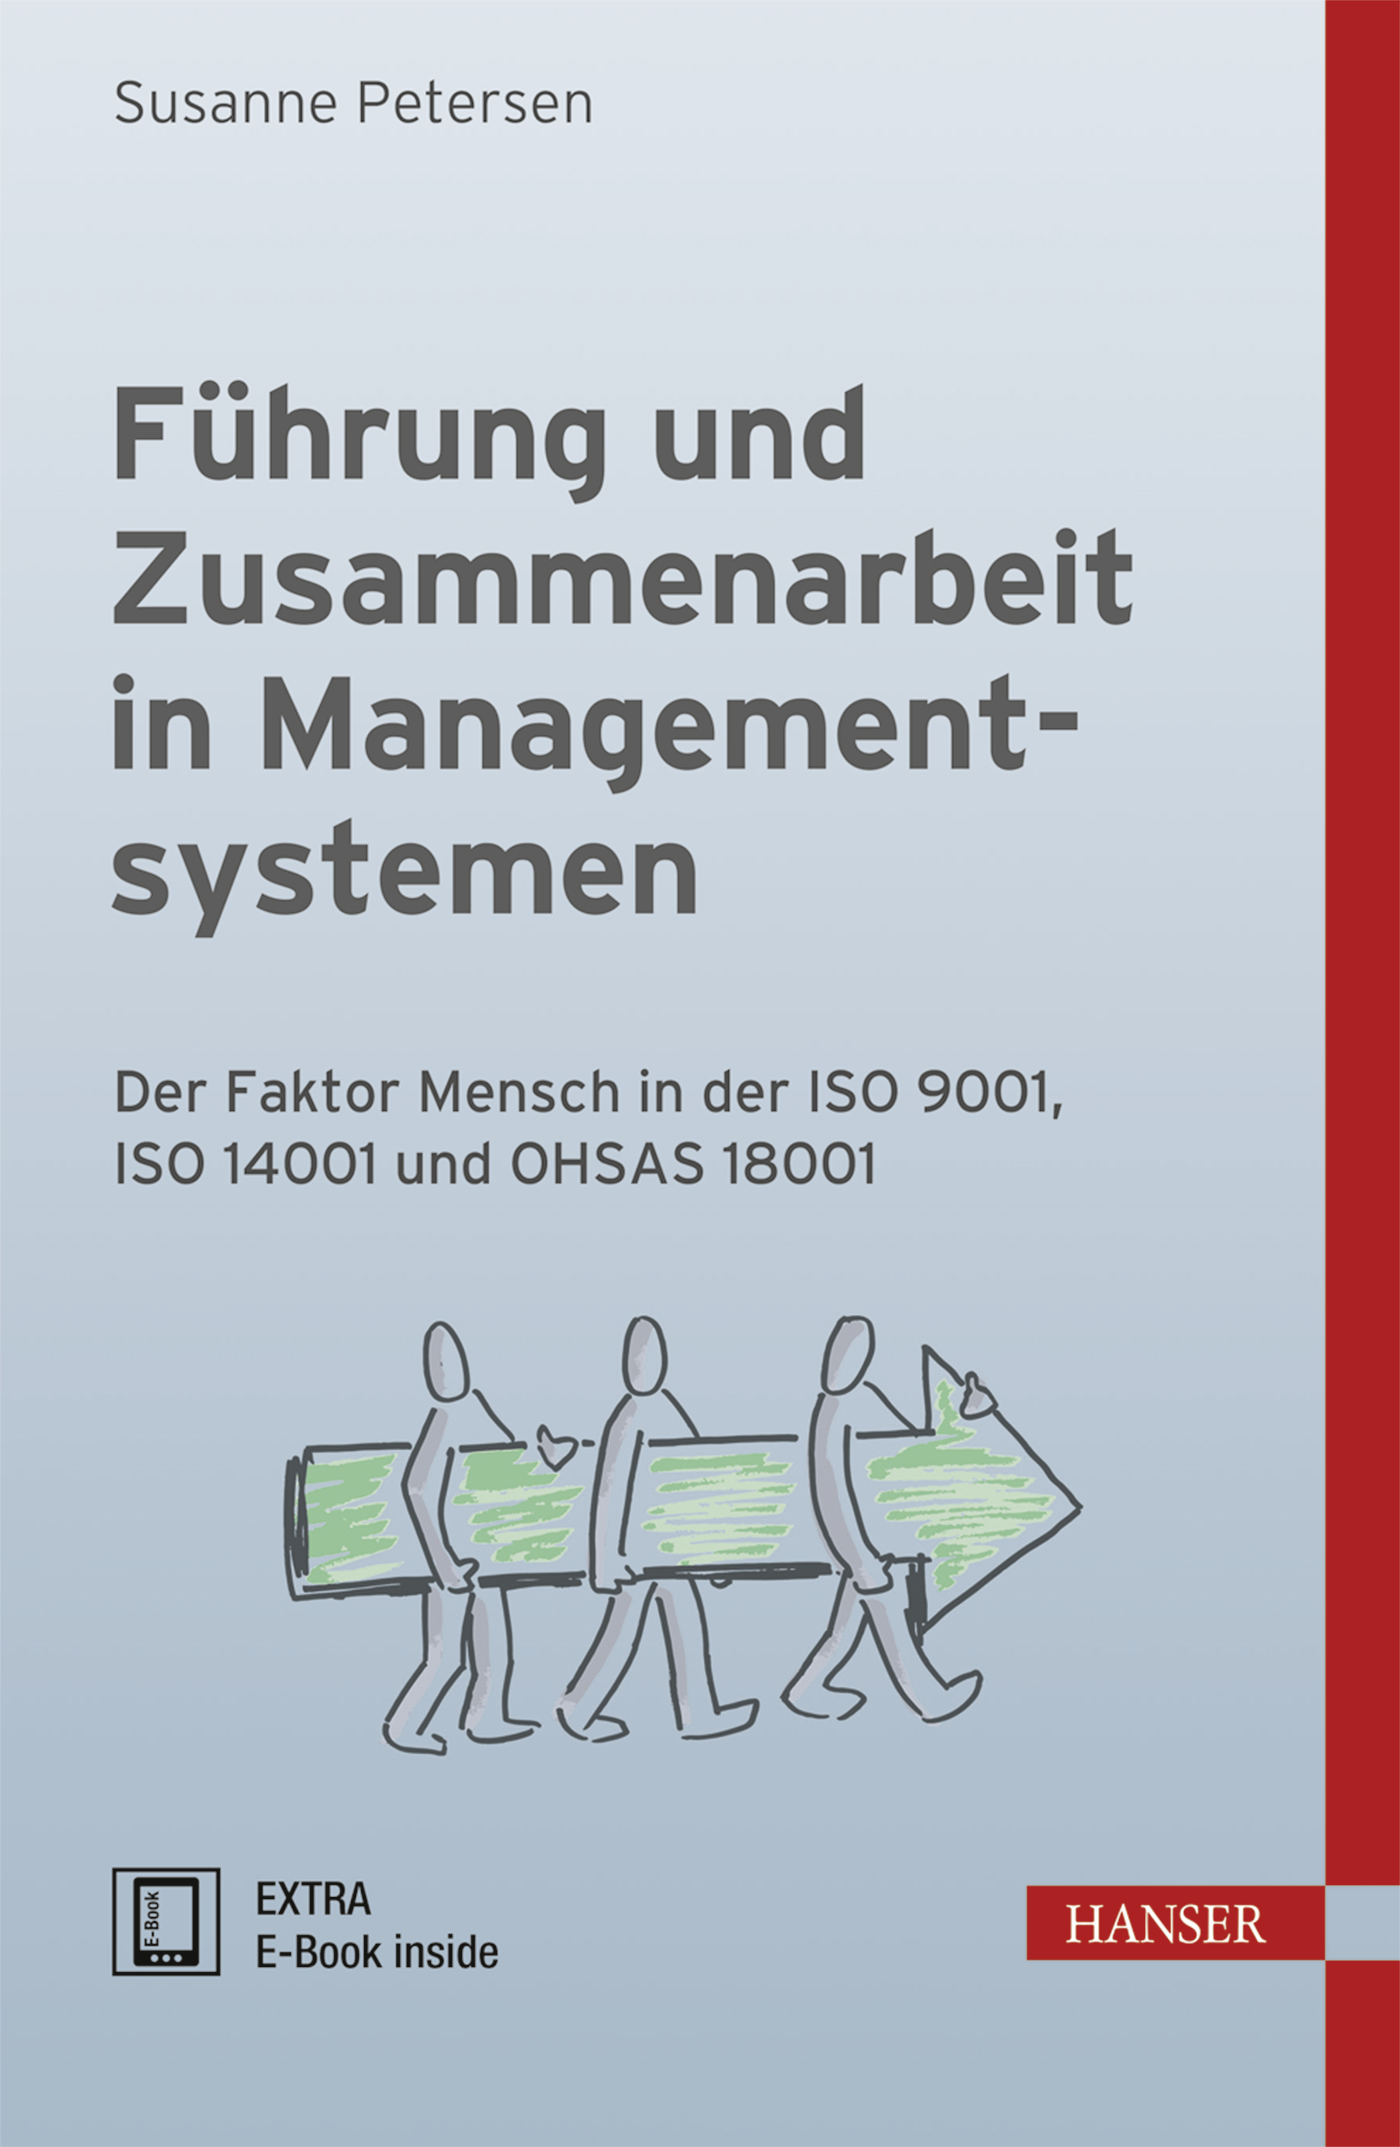 Petersen, Führung und Zusammenarbeit in Managementsystemen, 978-3-446-44190-3